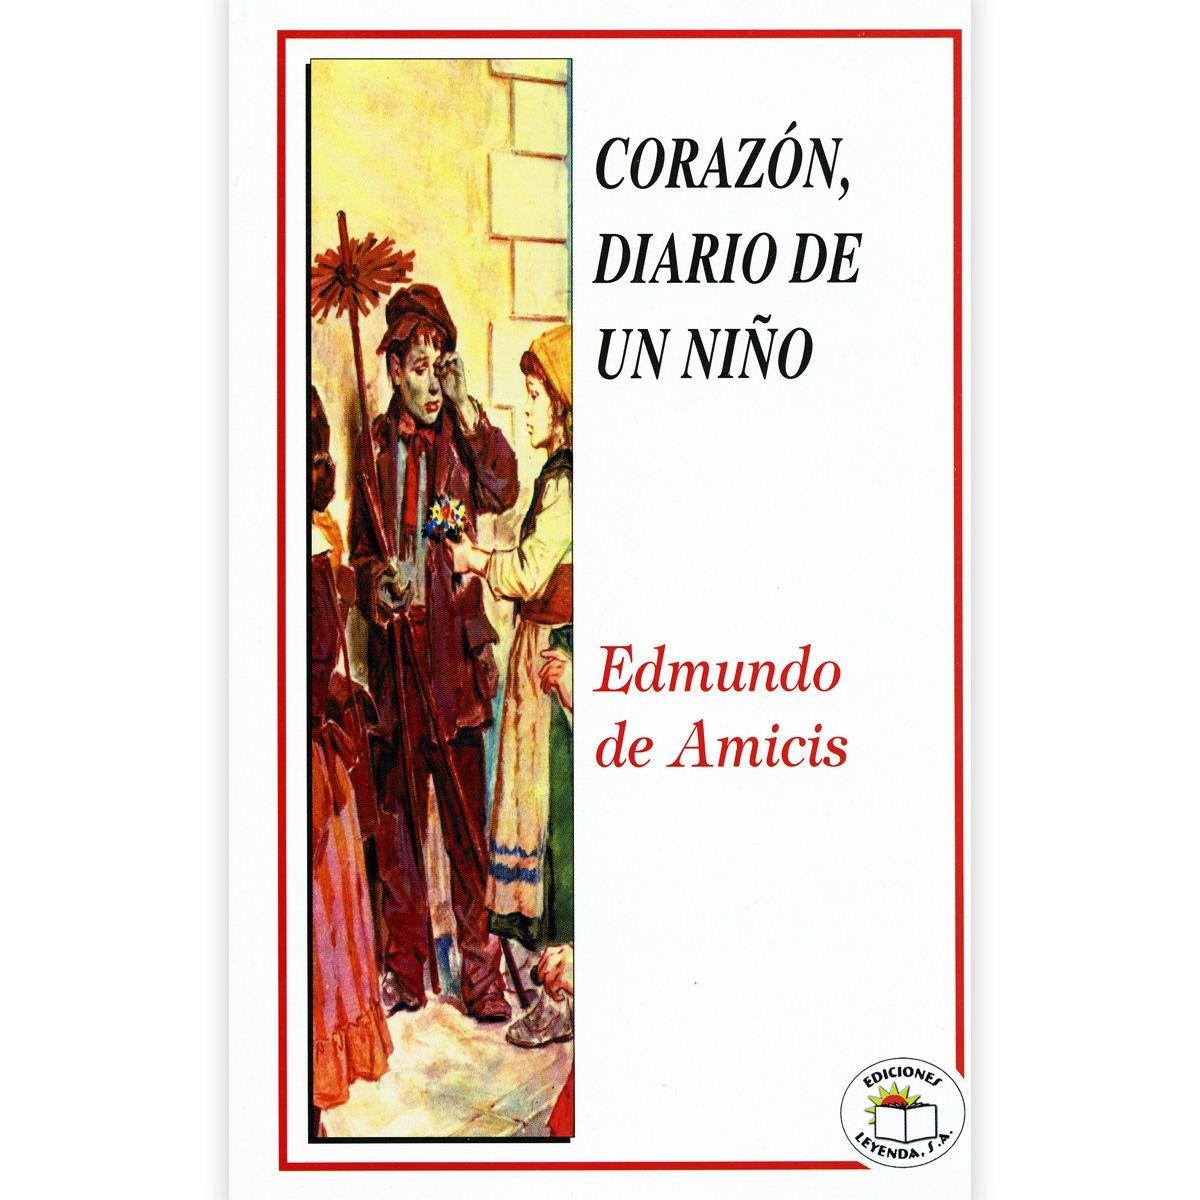 Corazon diario de un nino: Edmundo de Amicis: 9789685146173: Amazon.com: Books